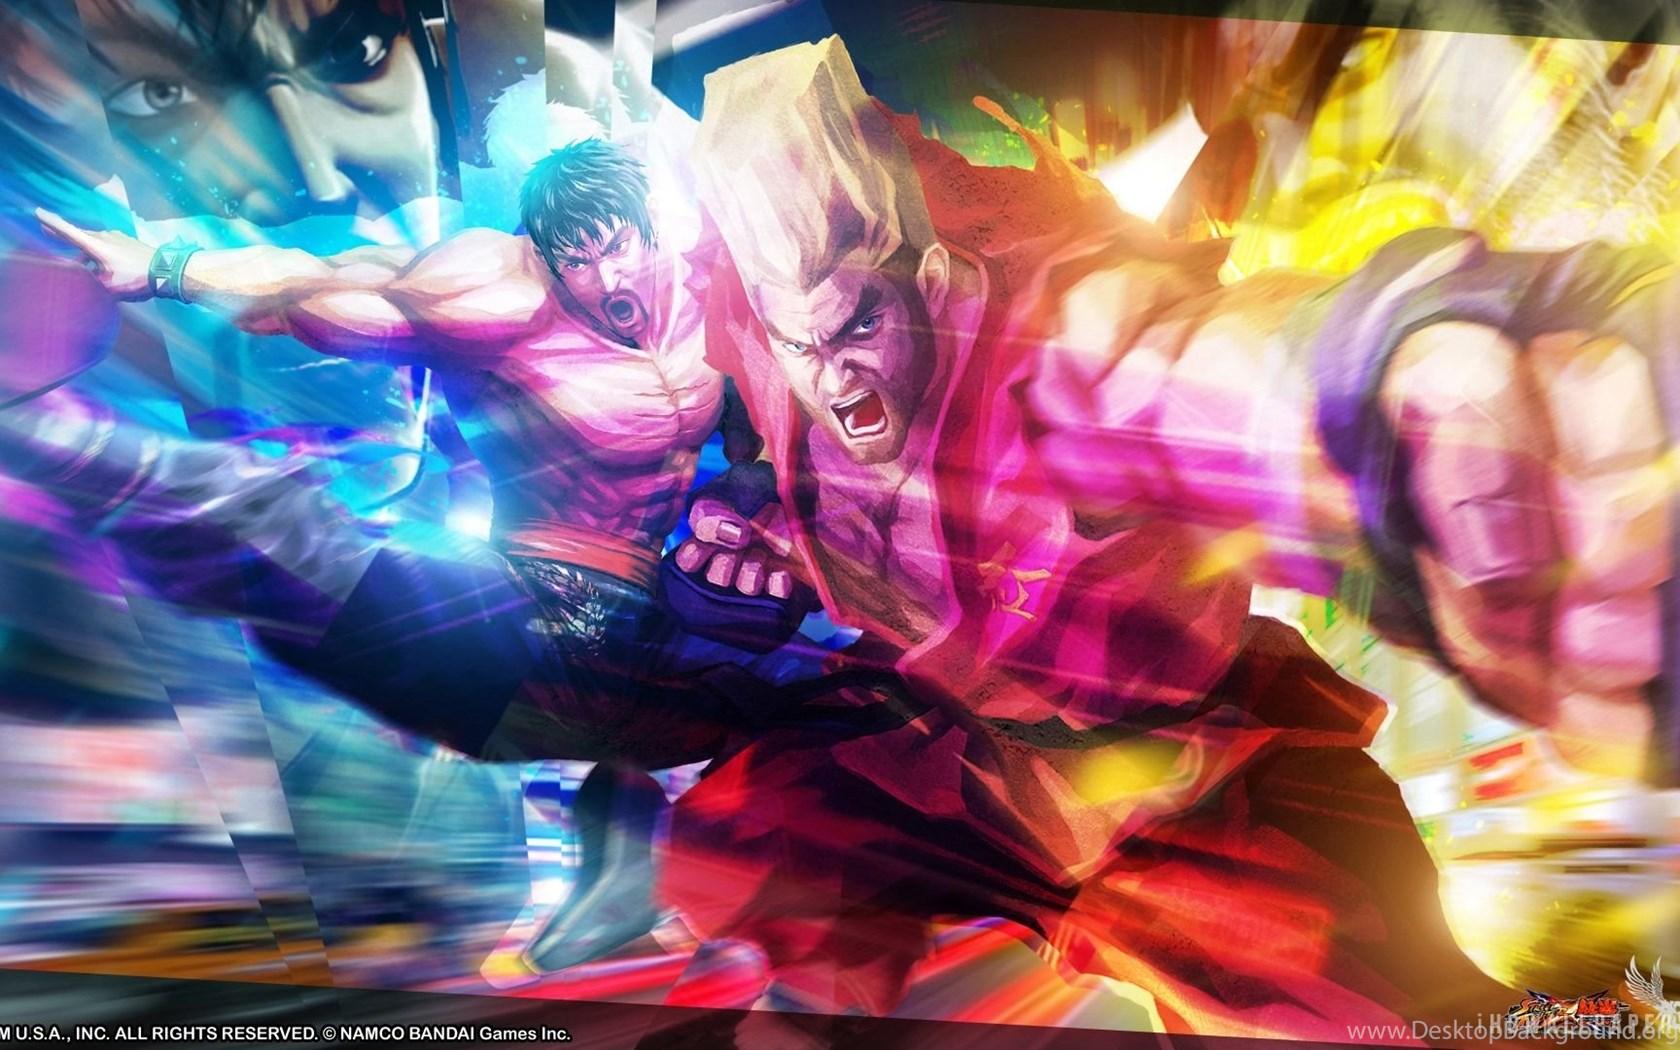 Law Paul Street Fighter X Tekken Hd Wallpapers Ihd Wallpapers